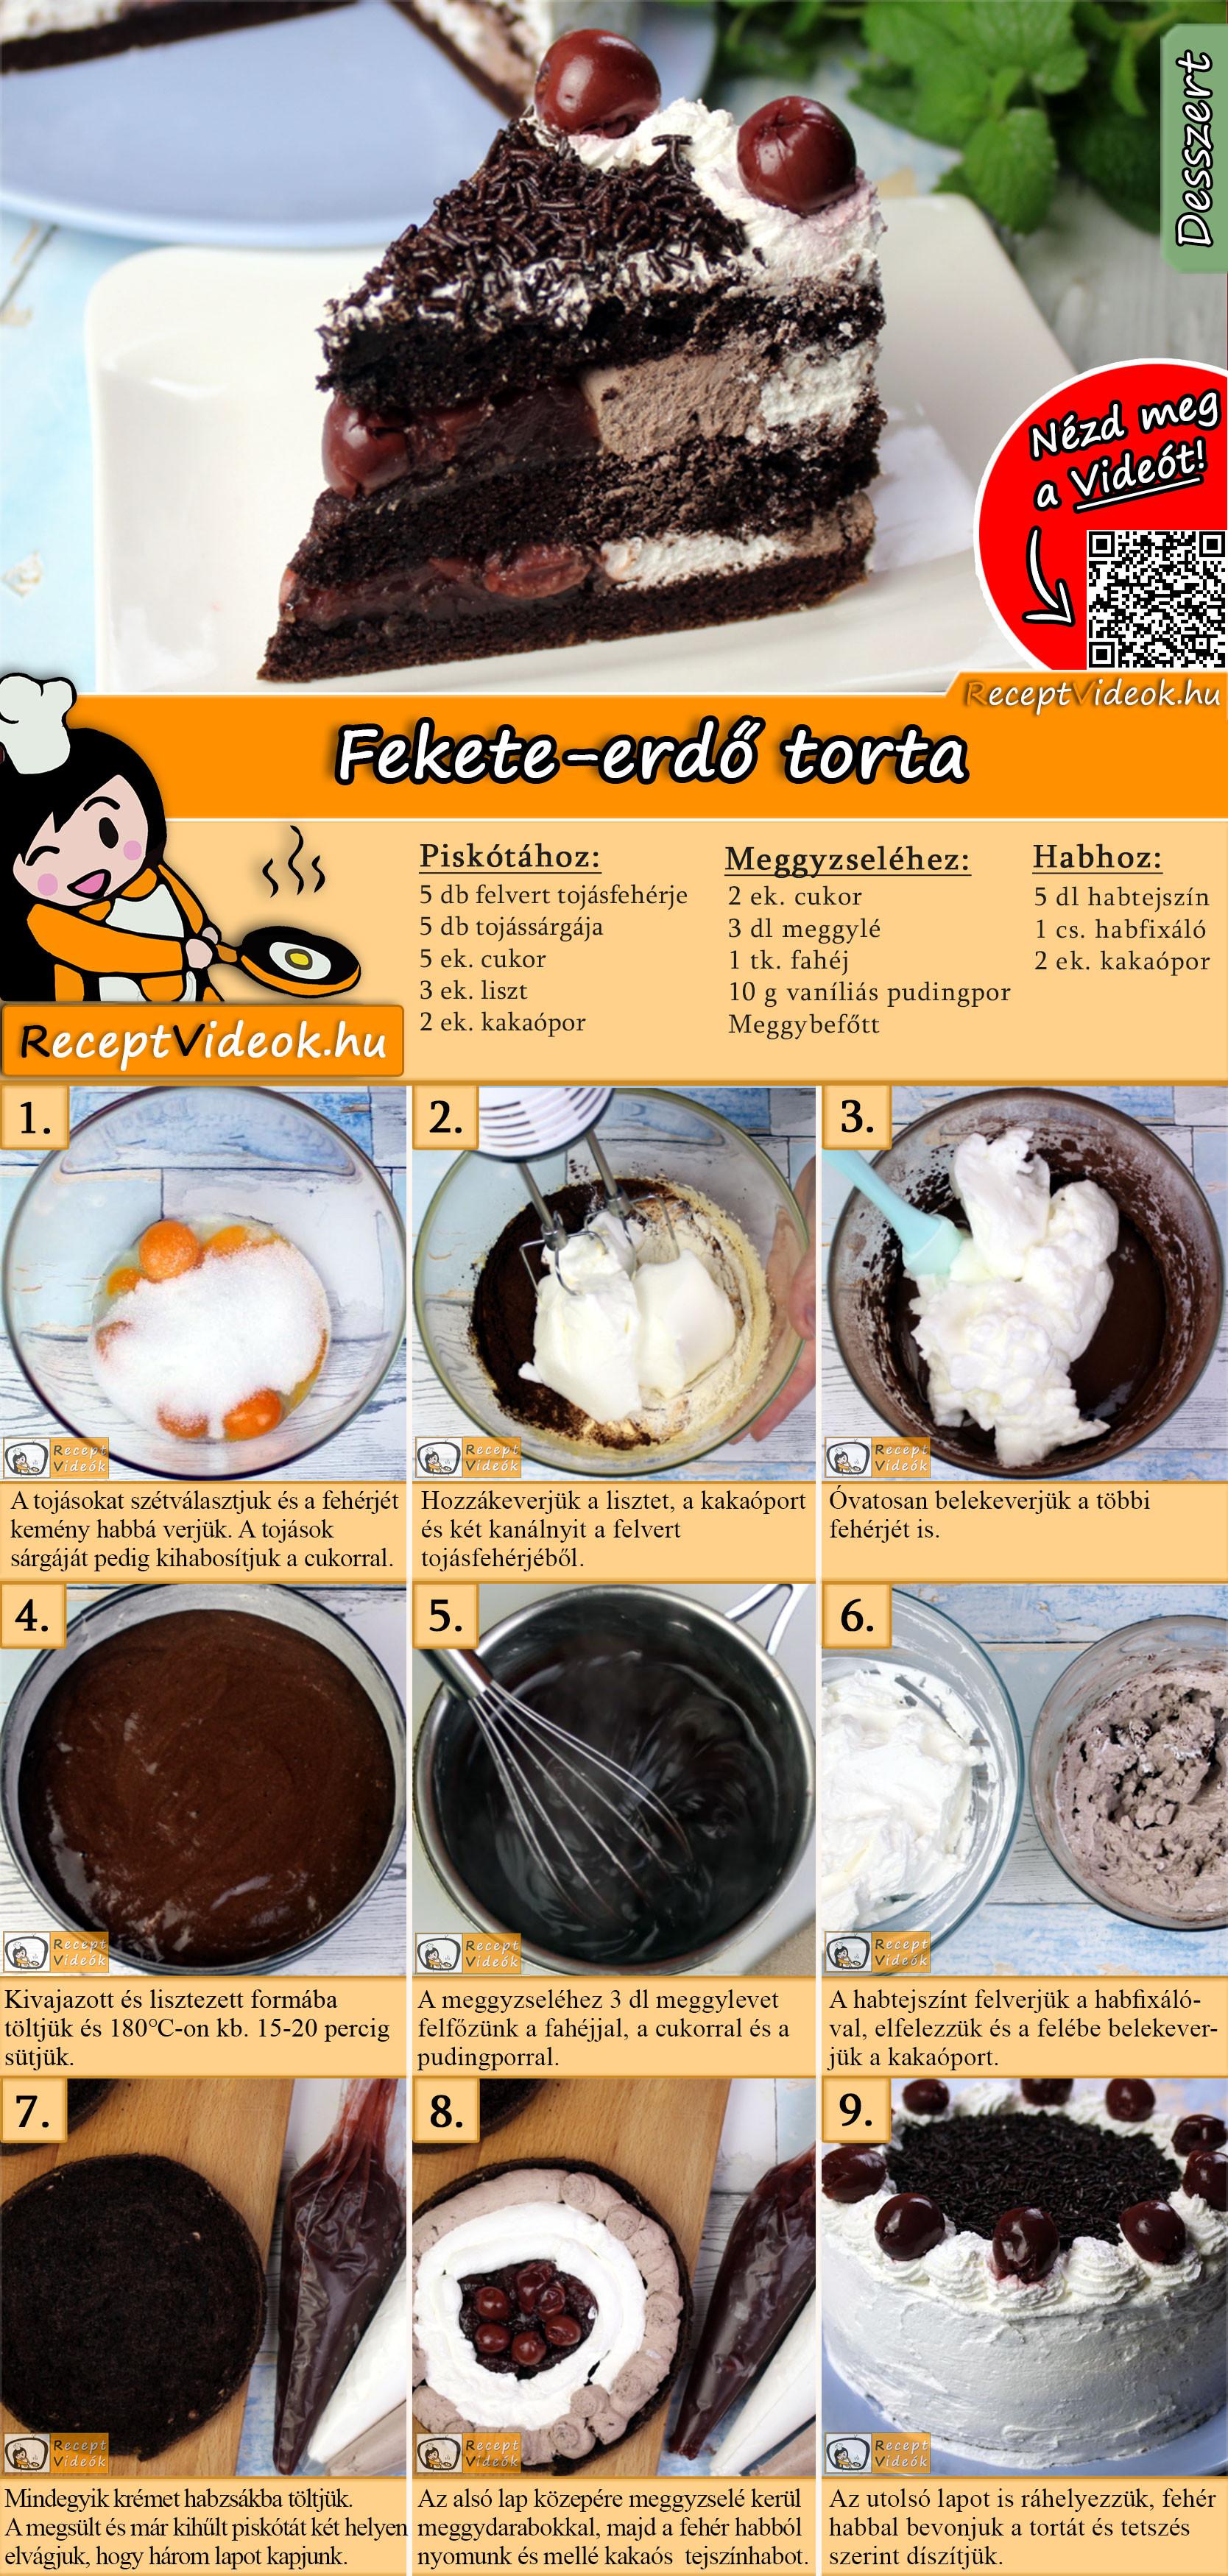 Fekete-erdő torta recept elkészítése videóval